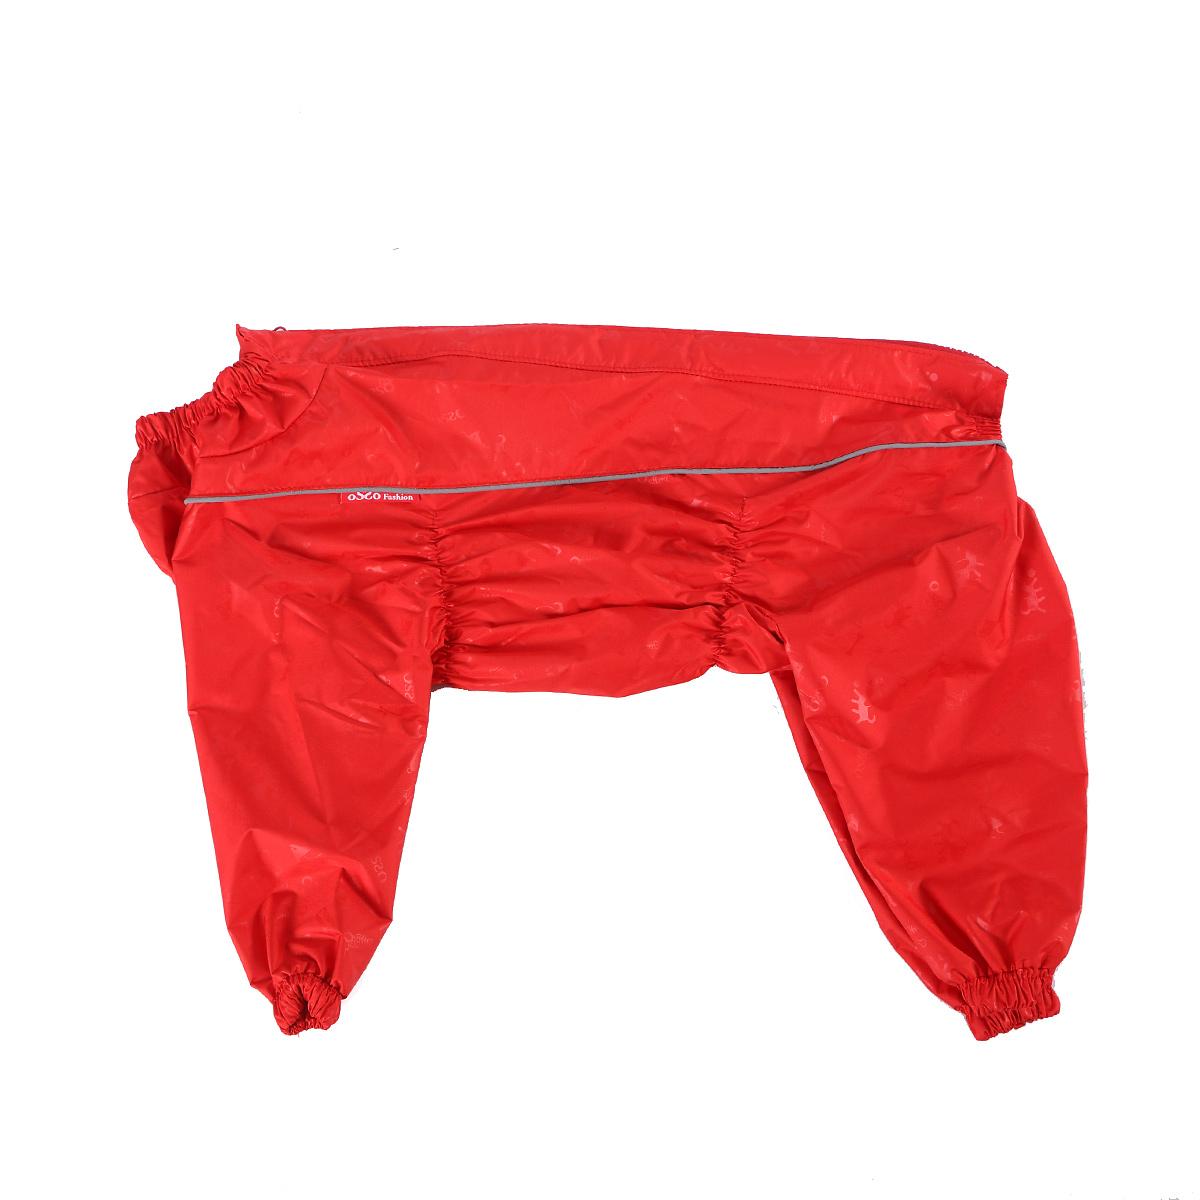 Комбинезон для собак OSSO Fashion, для девочки, цвет: красный. Размер 65DM-160254-2Комбинезон для собак без подкладки из водоотталкивающей и ветрозащитной ткани (100% полиэстер).Предназначен для прогулок в межсезонье, в сырую погоду для защиты собаки от грязи и воды.В комбинезоне используется отделка со светоотражающим кантом и тракторная молния со светоотражающей полосой.Комбинезон для собак эргономичен, удобен, не сковывает движений собаки при беге, во время игры и при дрессировке. Комфортная посадка по корпусу достигается за счет резинок-утяжек под грудью и животом. На воротнике имеется кнопка для фиксации. От попадания воды и грязи внутрь комбинезона низ штанин также сборен на резинку.Рекомендуется машинная стирка с использованием средства для стирки деликатных тканей при температуре не выше 40?С и загрузке барабана не более чем на 40% от его объема, отжим при скорости не более 400/500 об/мин, сушка на воздухе – с целью уменьшения воздействия на водоотталкивающую (PU) пропитку ткани. Рекомендации по подбору размера: Размер подбирается по длине спины собаки. Она измеряется от холки (от места где сходятся лопатки) до основания хвоста, в стоячем положении. Предупреждение: не измеряйте длину спины от шеи, только от холки.